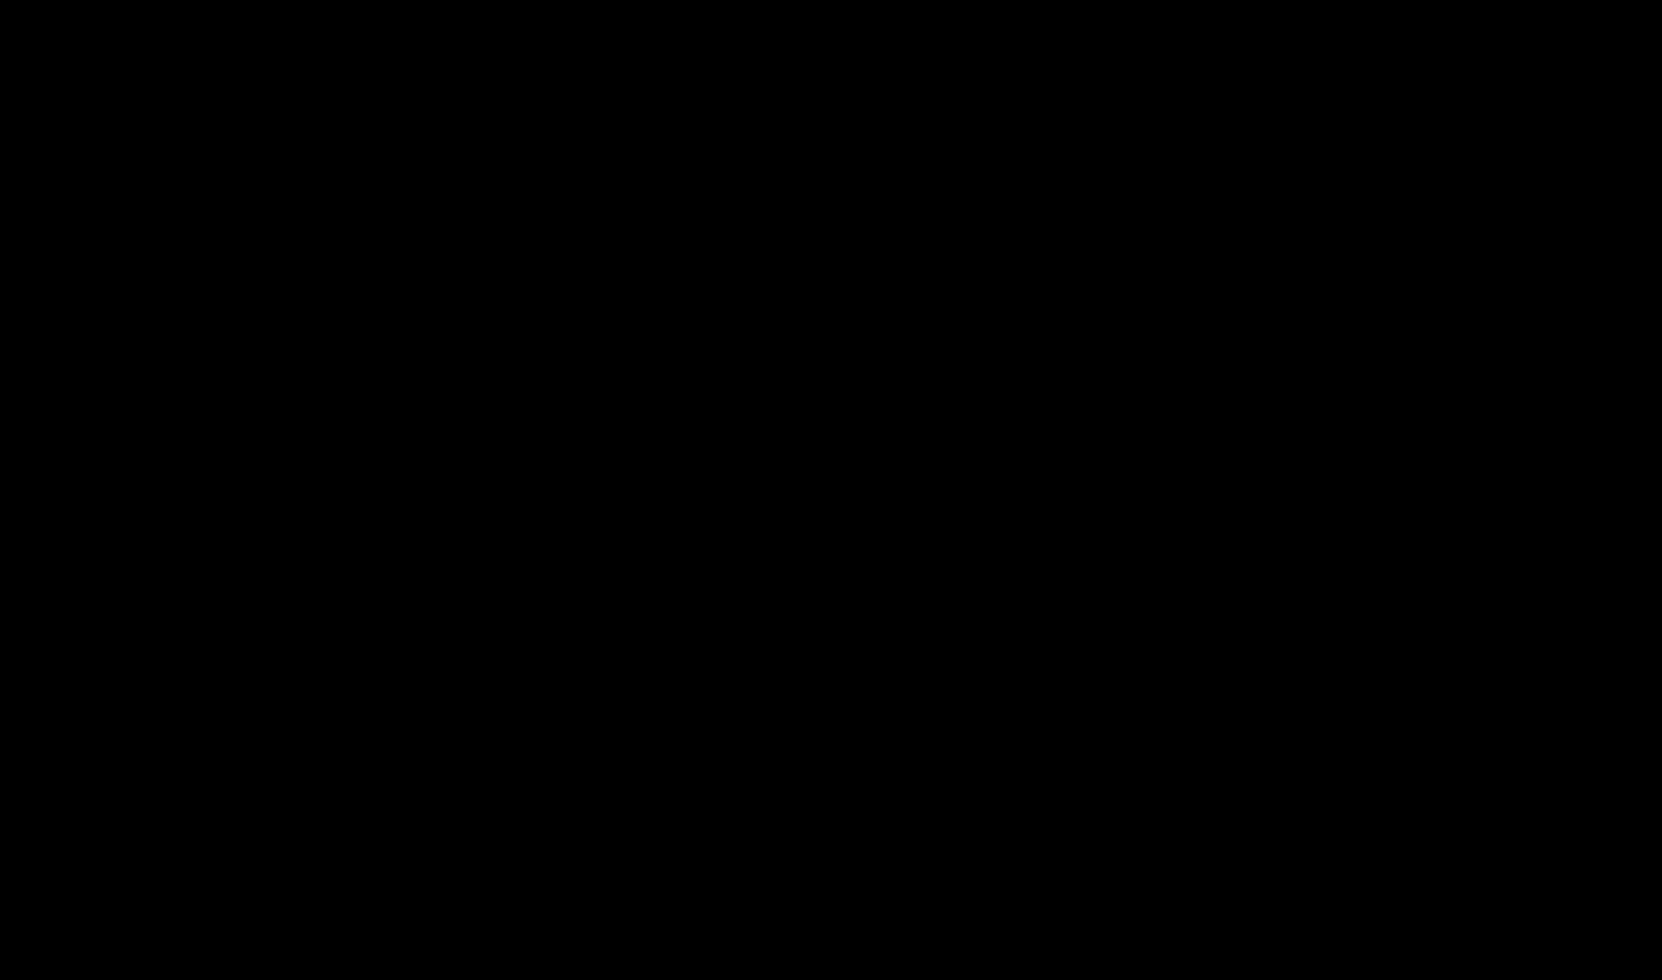 campi-ggsir-logo.png